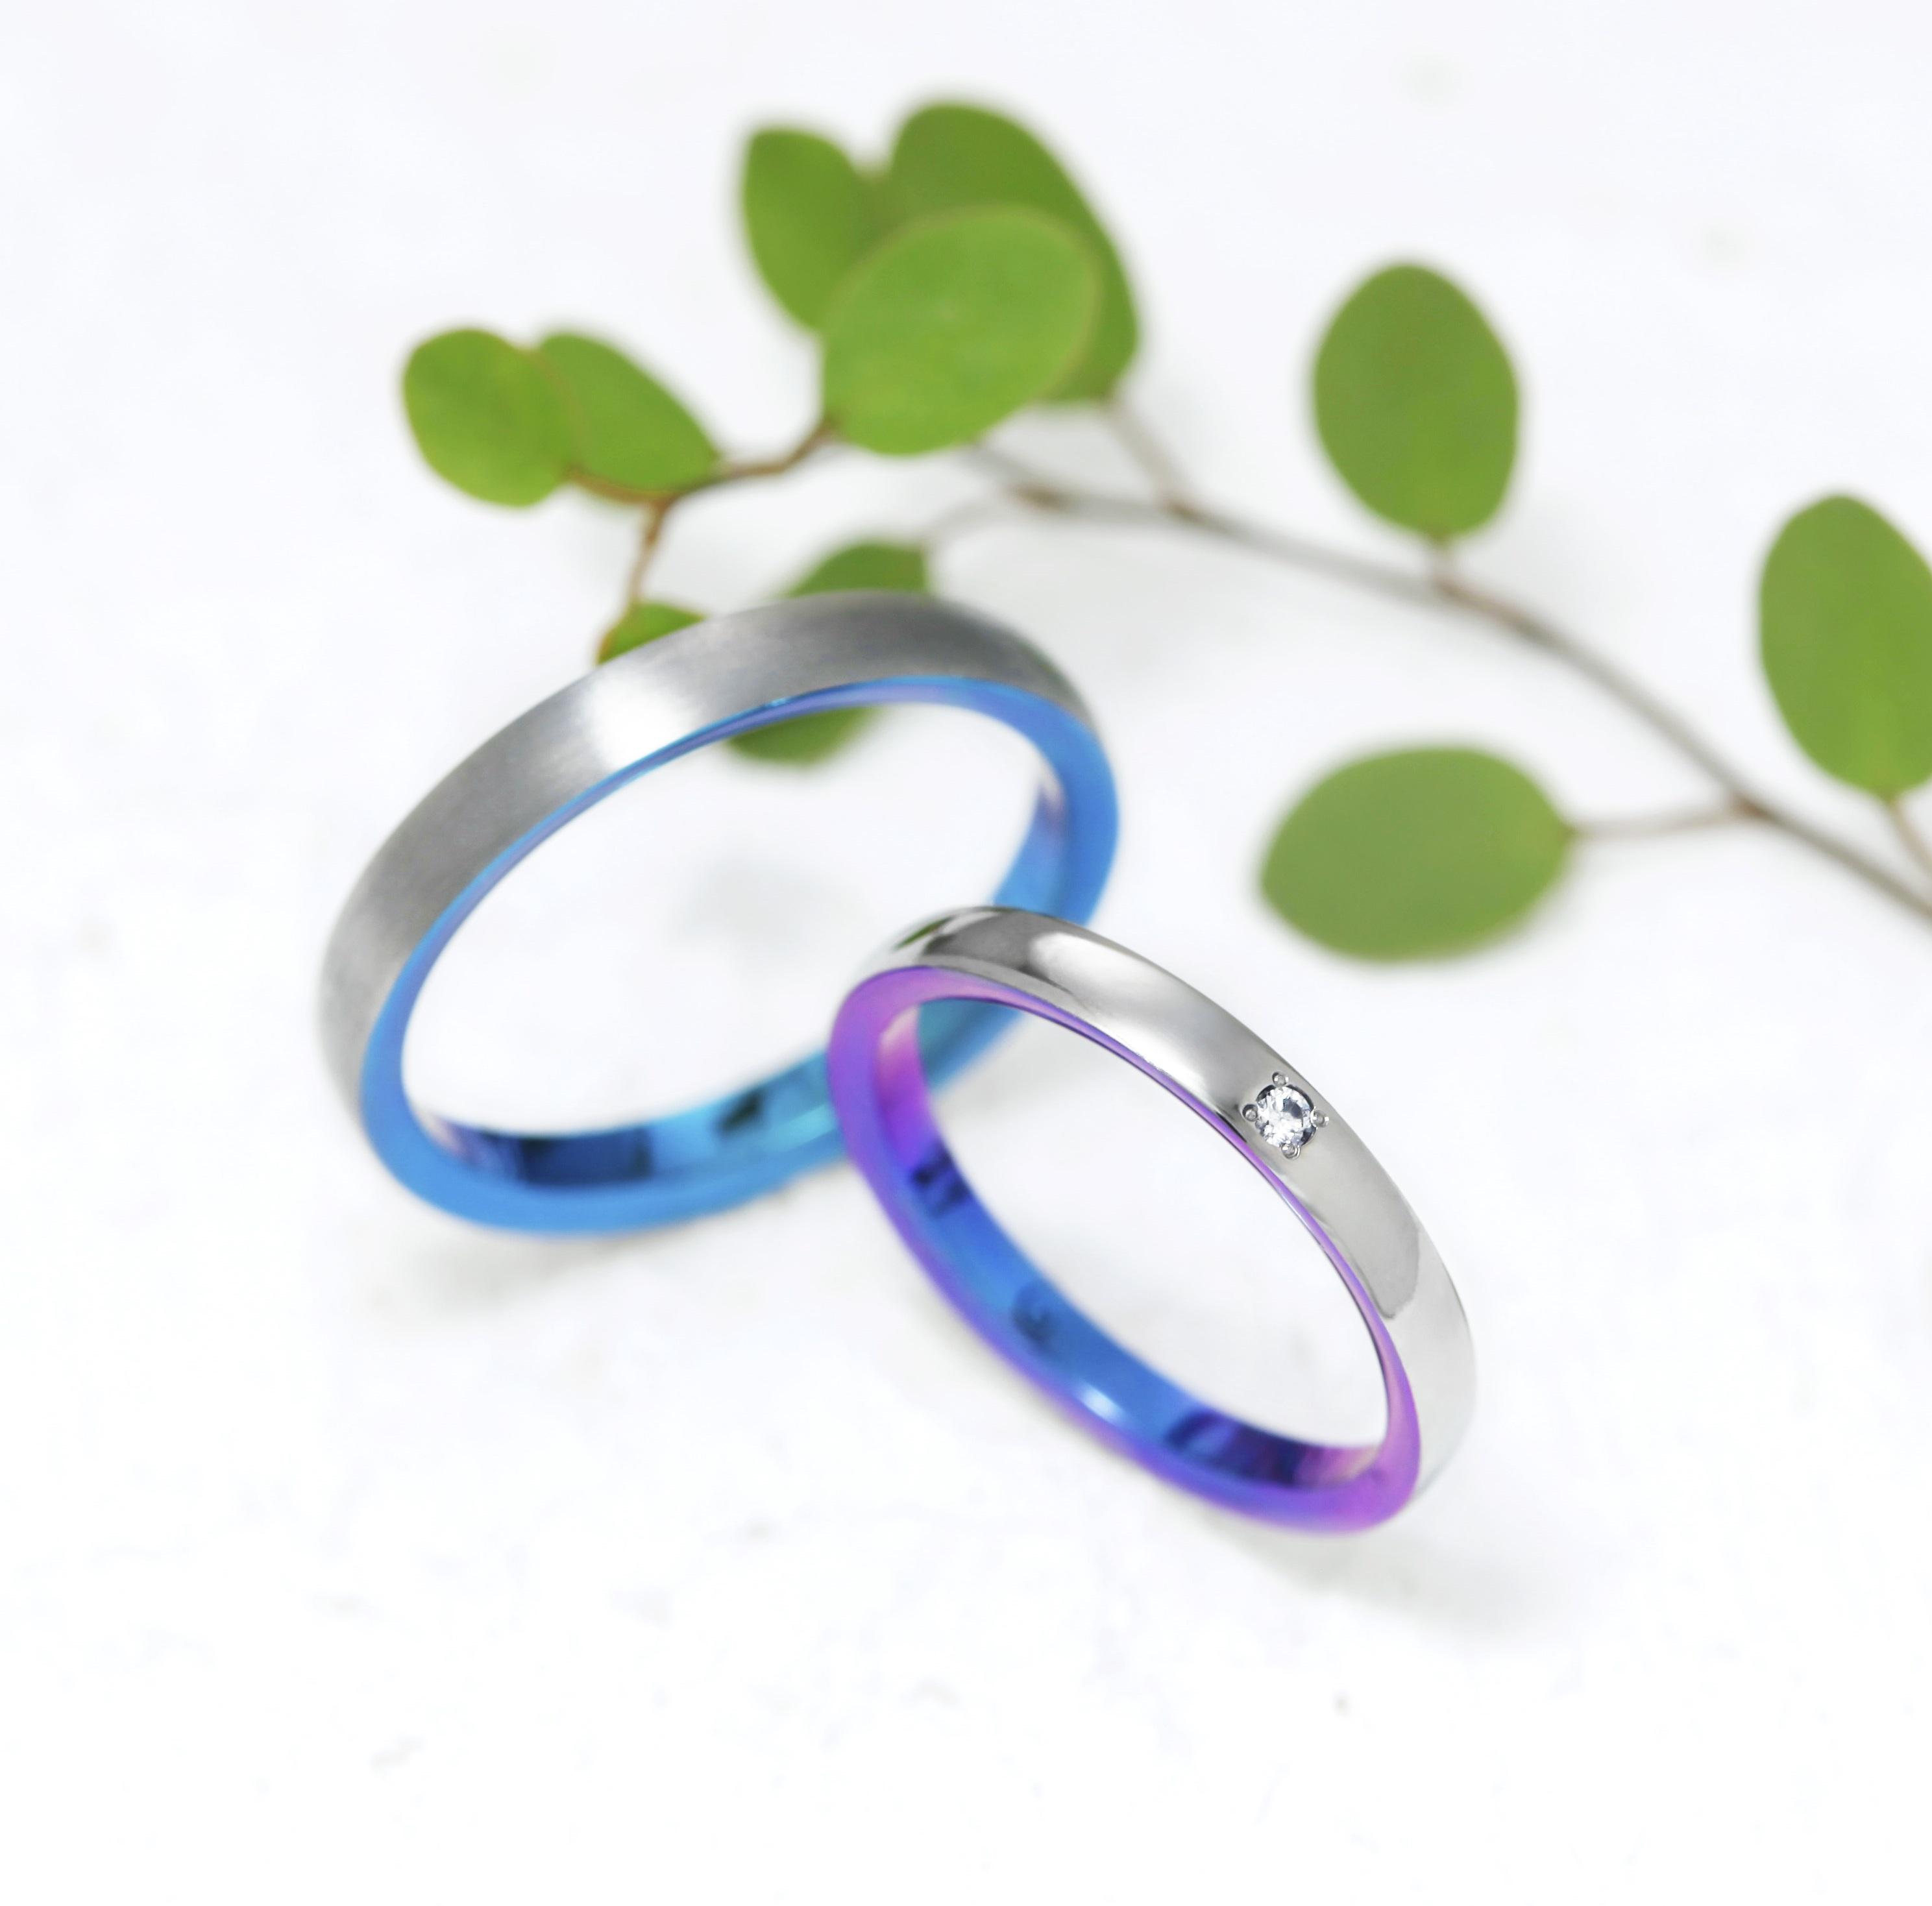 ジルコニウムの結婚指輪|綺麗な色・機能美を持つ素材が選ばれる5つの理由